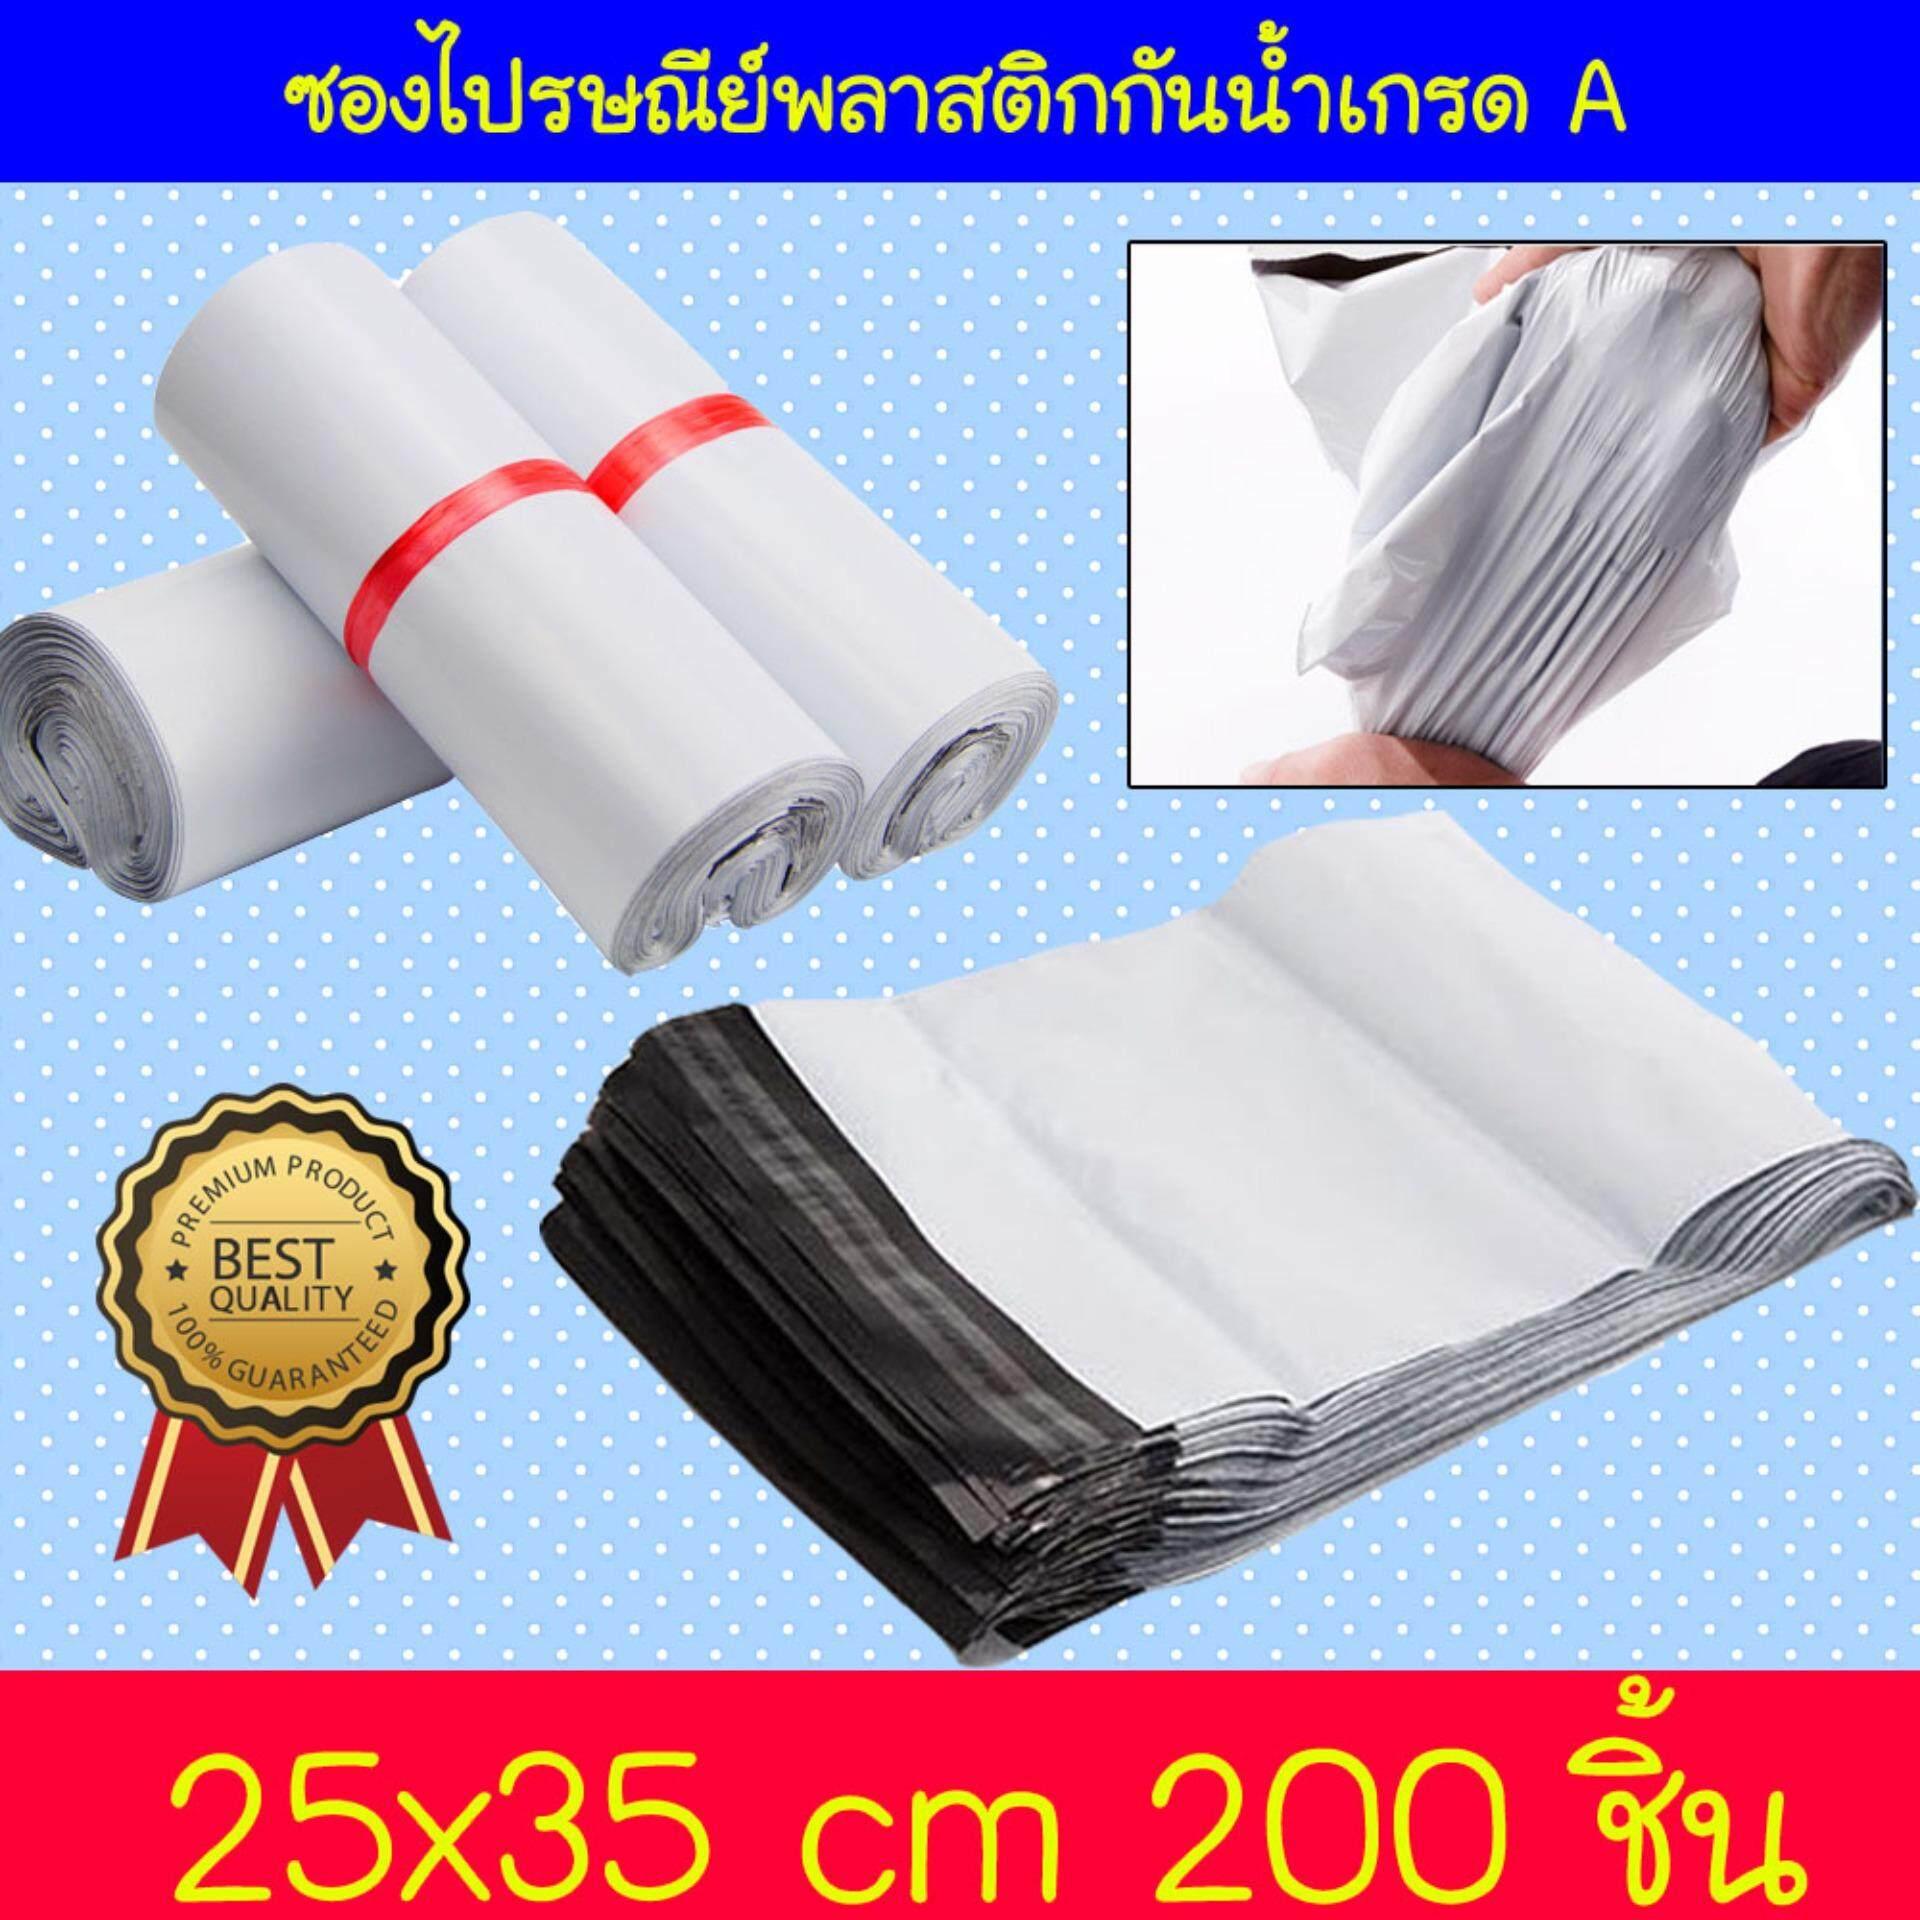 ส่วนลด ซองไปรษณีย์พลาสติก กันน้ำ สีขาว เกรด A ขนาด 25X35 Cm แพค 200ชิ้น Penguinproof กรุงเทพมหานคร